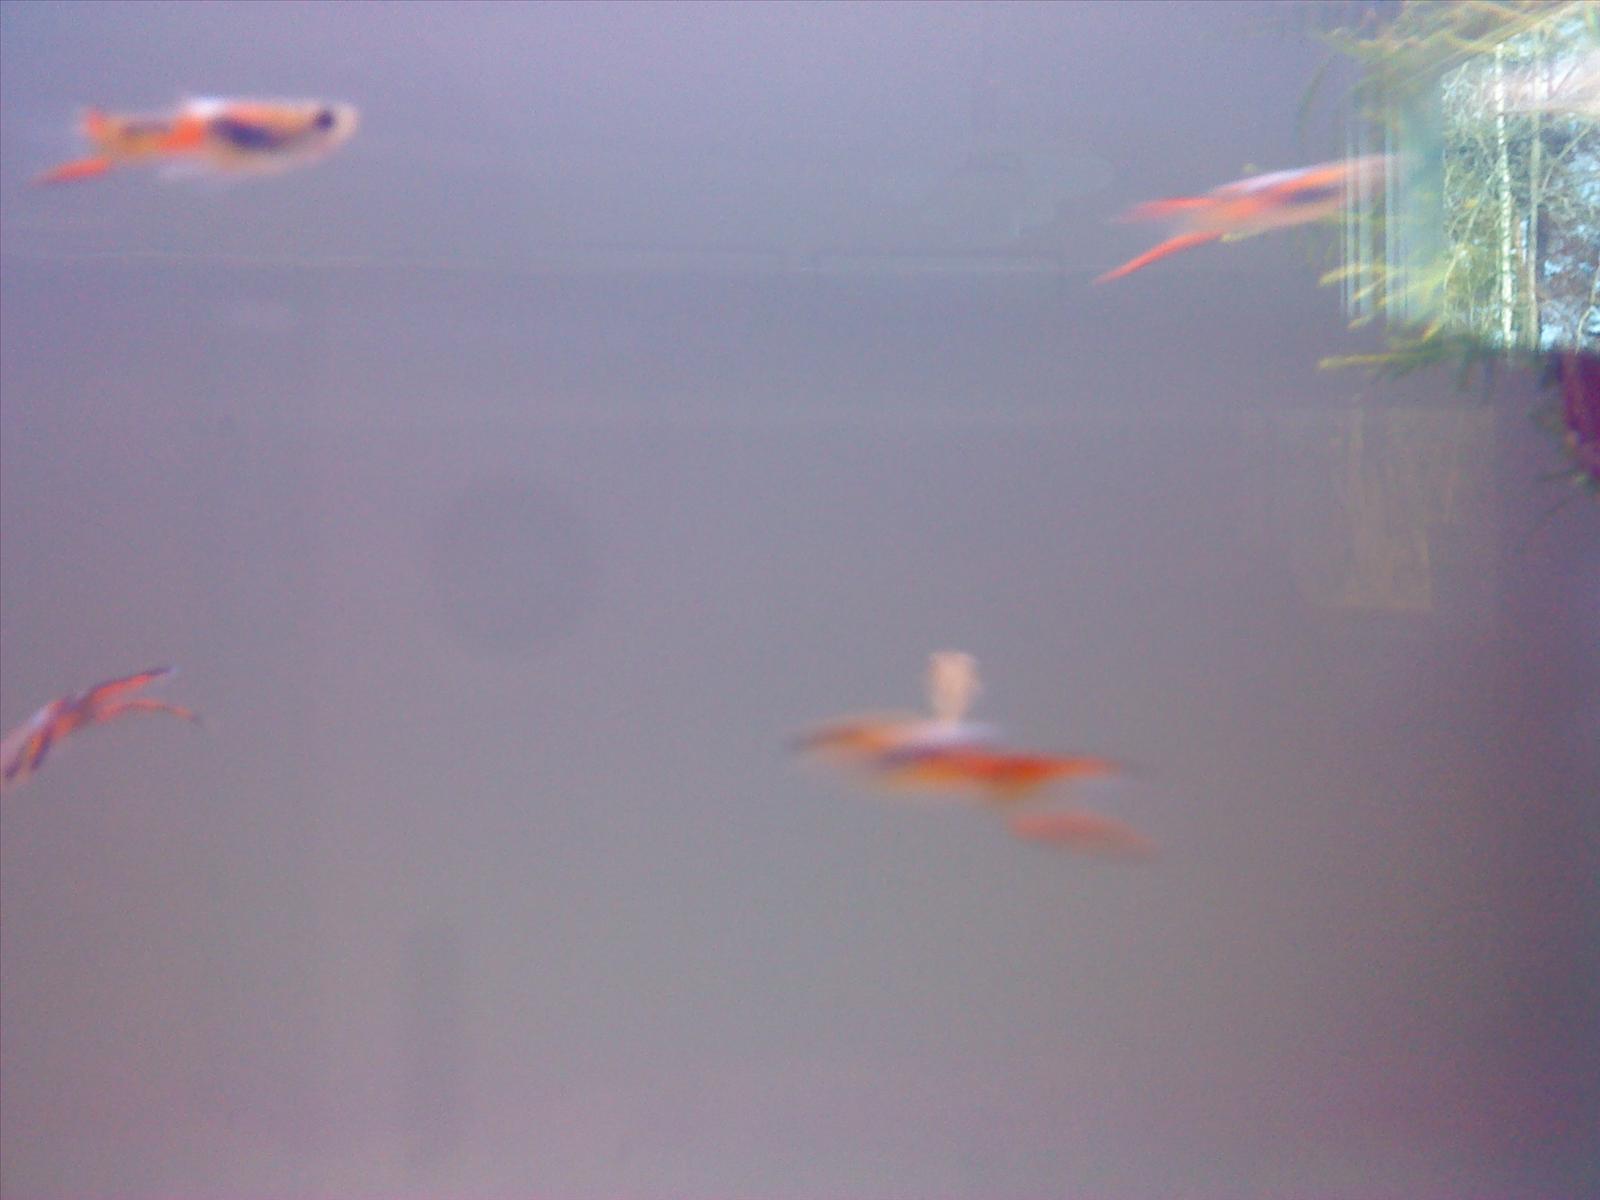 akvariefisk yngel mat